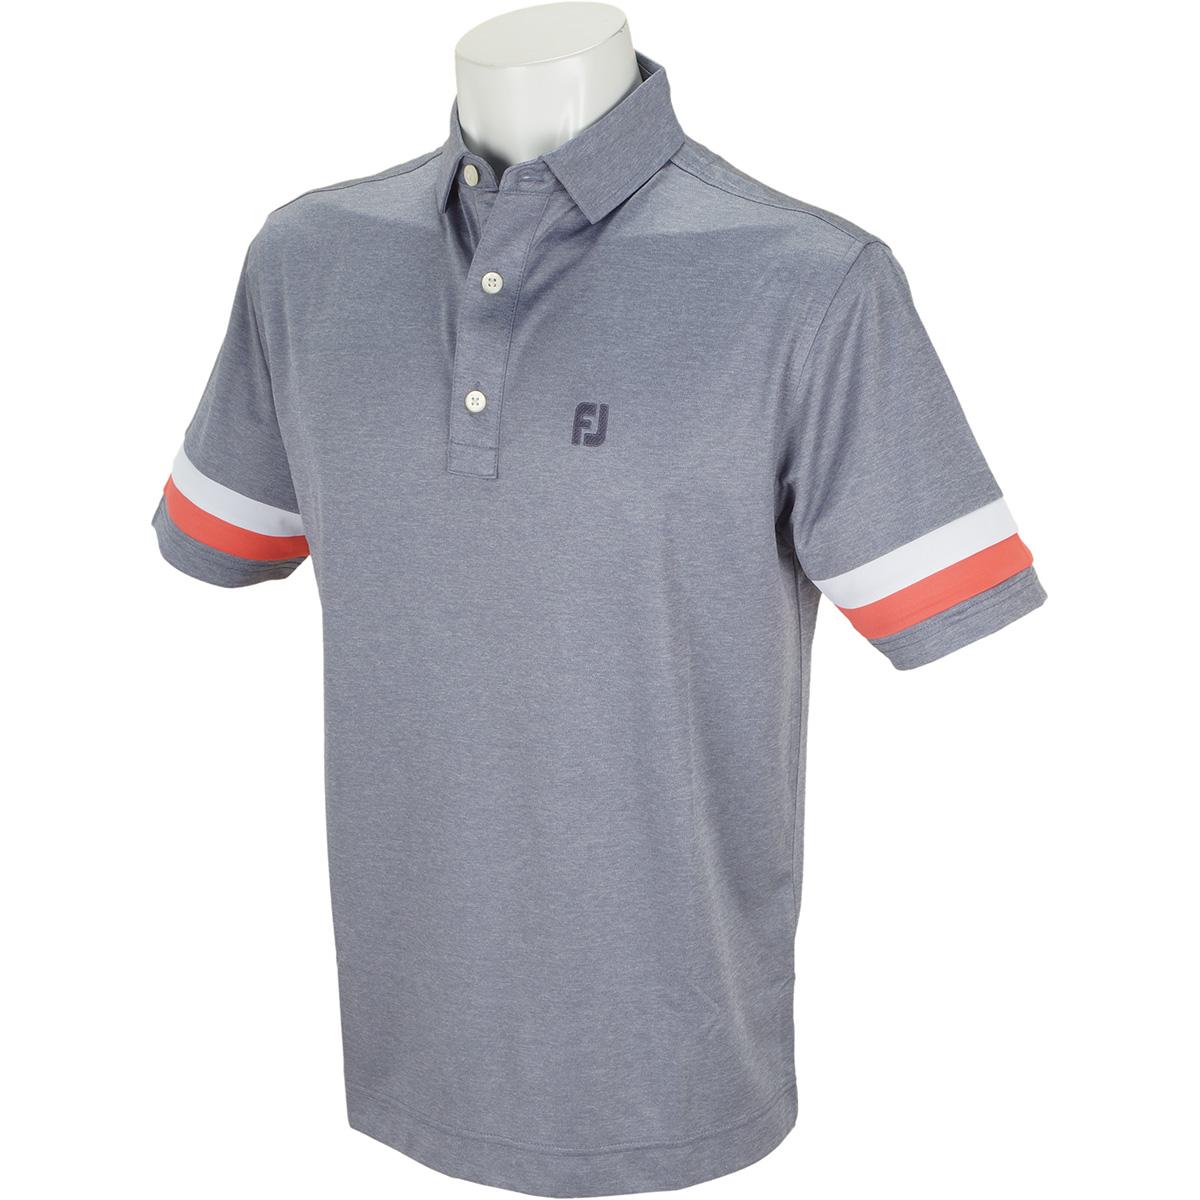 スリーブストライプ ヘザー 鹿の子半袖ポロシャツ